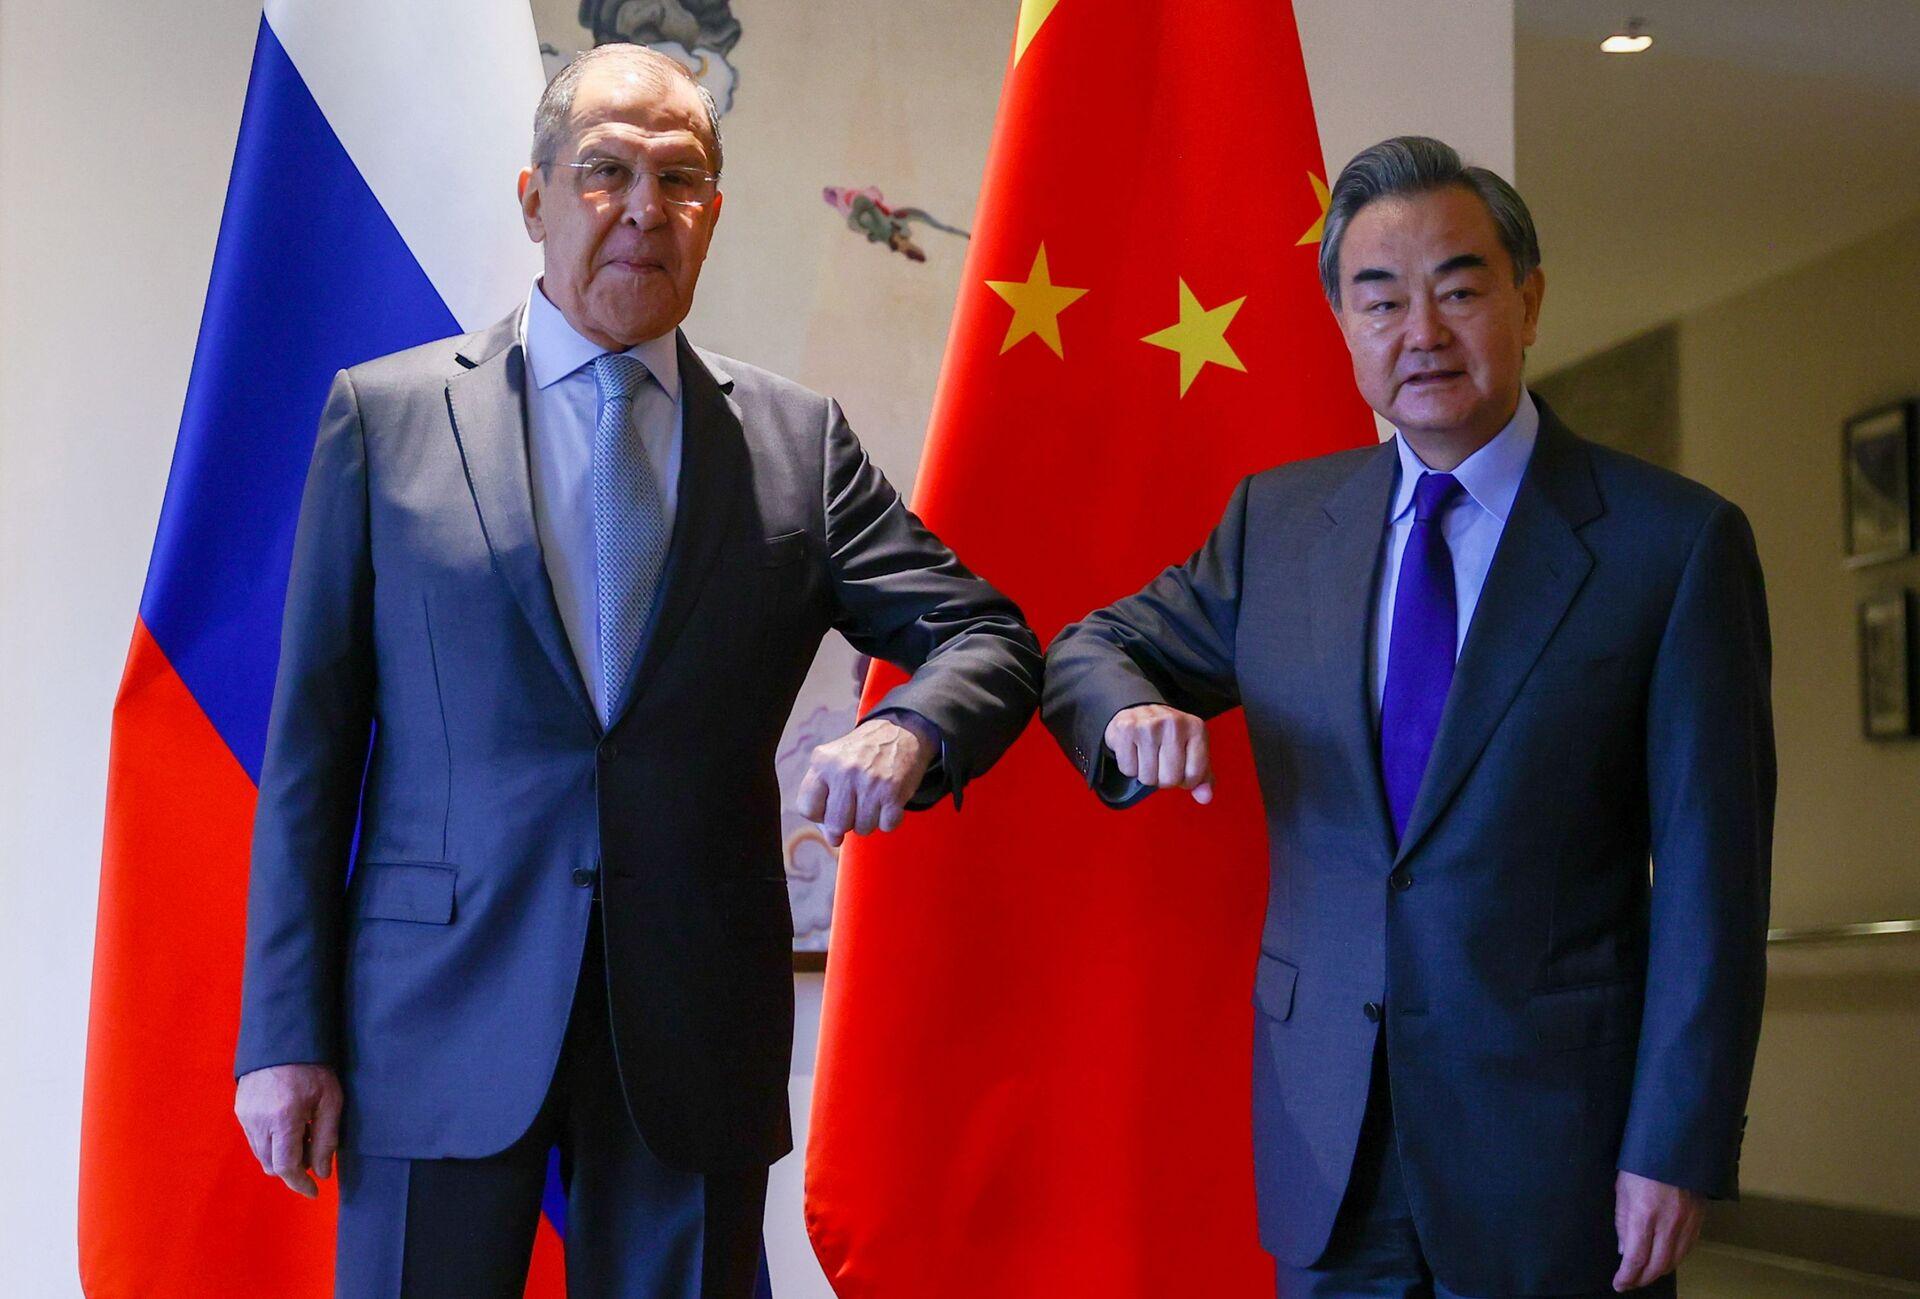 Tại sao Trung Quốc và Nga nói nhiều hơn đến việc độc lập về tài chính? - Sputnik Việt Nam, 1920, 24.03.2021